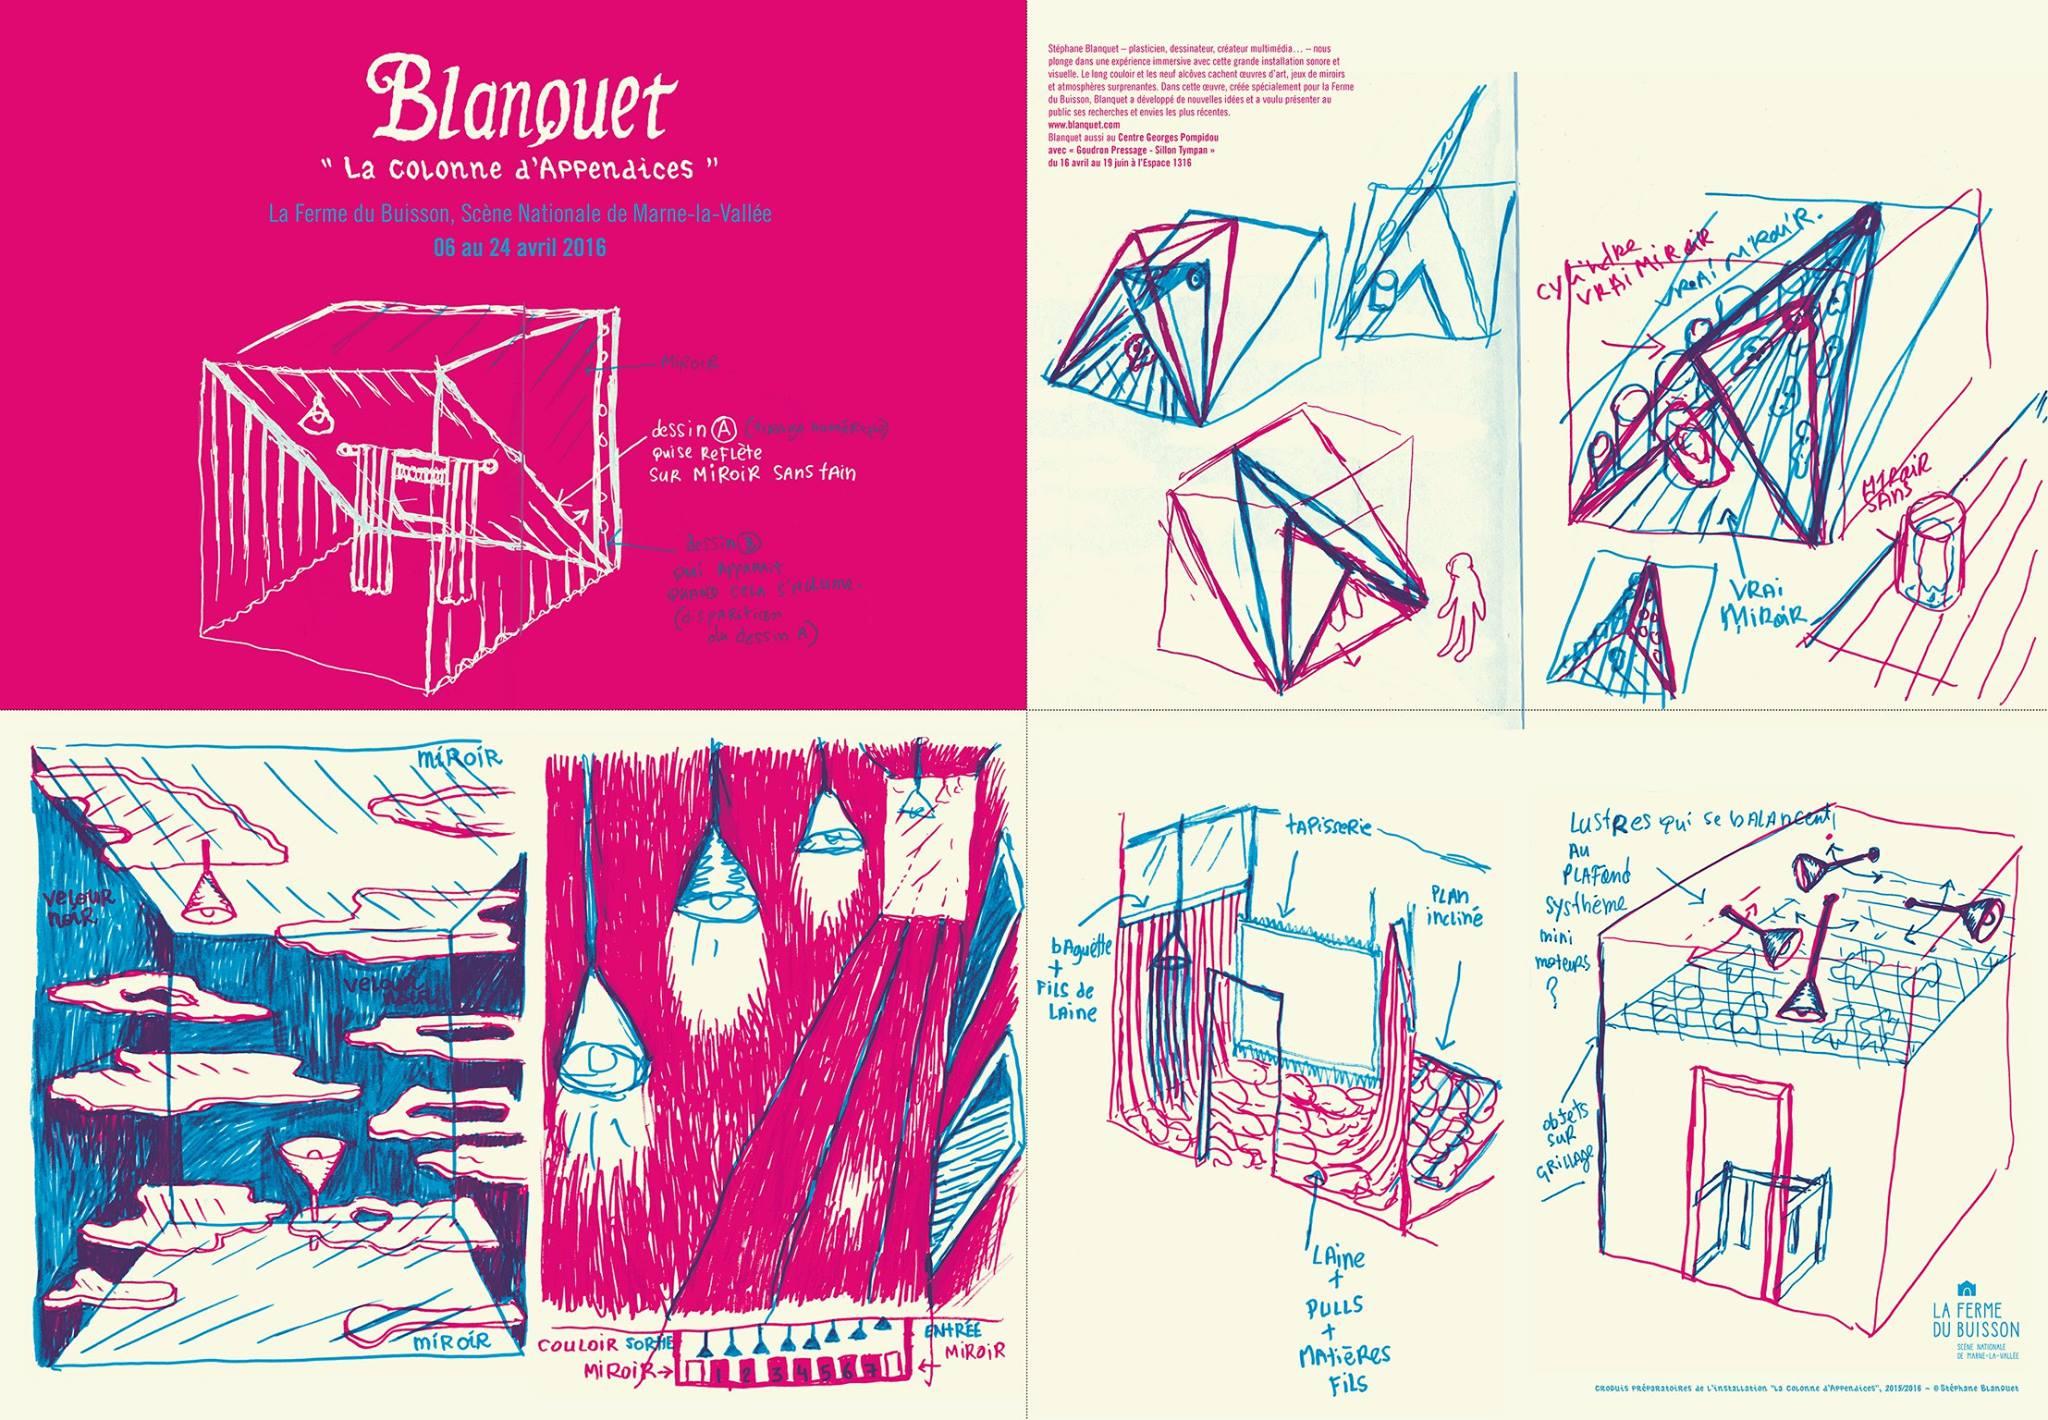 Blanquet - projet - 2016 - Colonne - poster face A